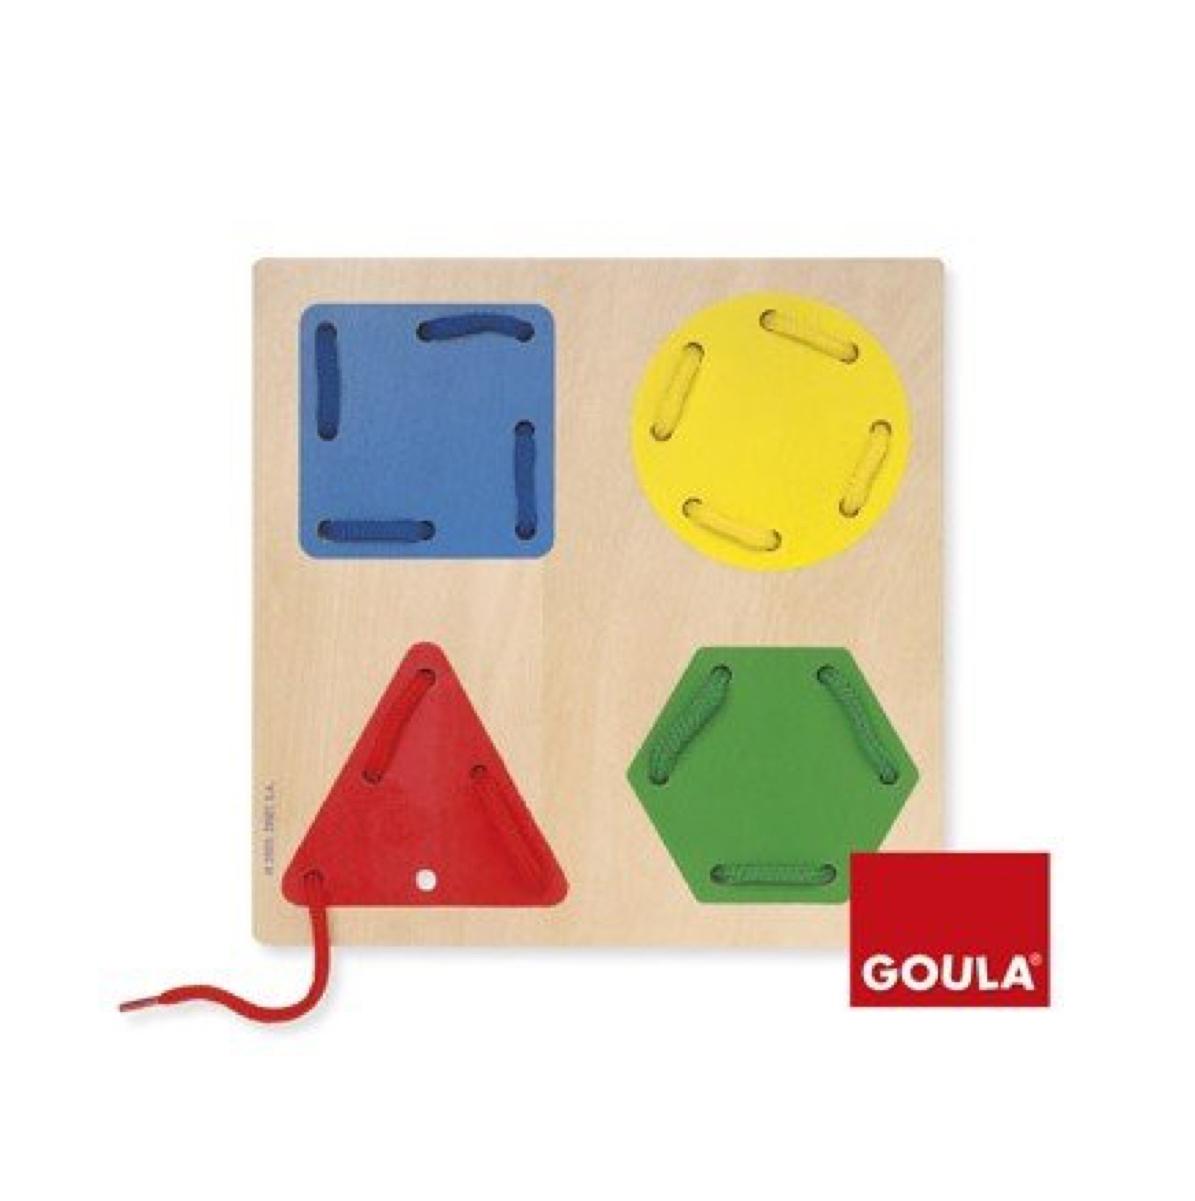 enhebrar-formas-geometricas-de-goula-en-el-mundo-de-mico